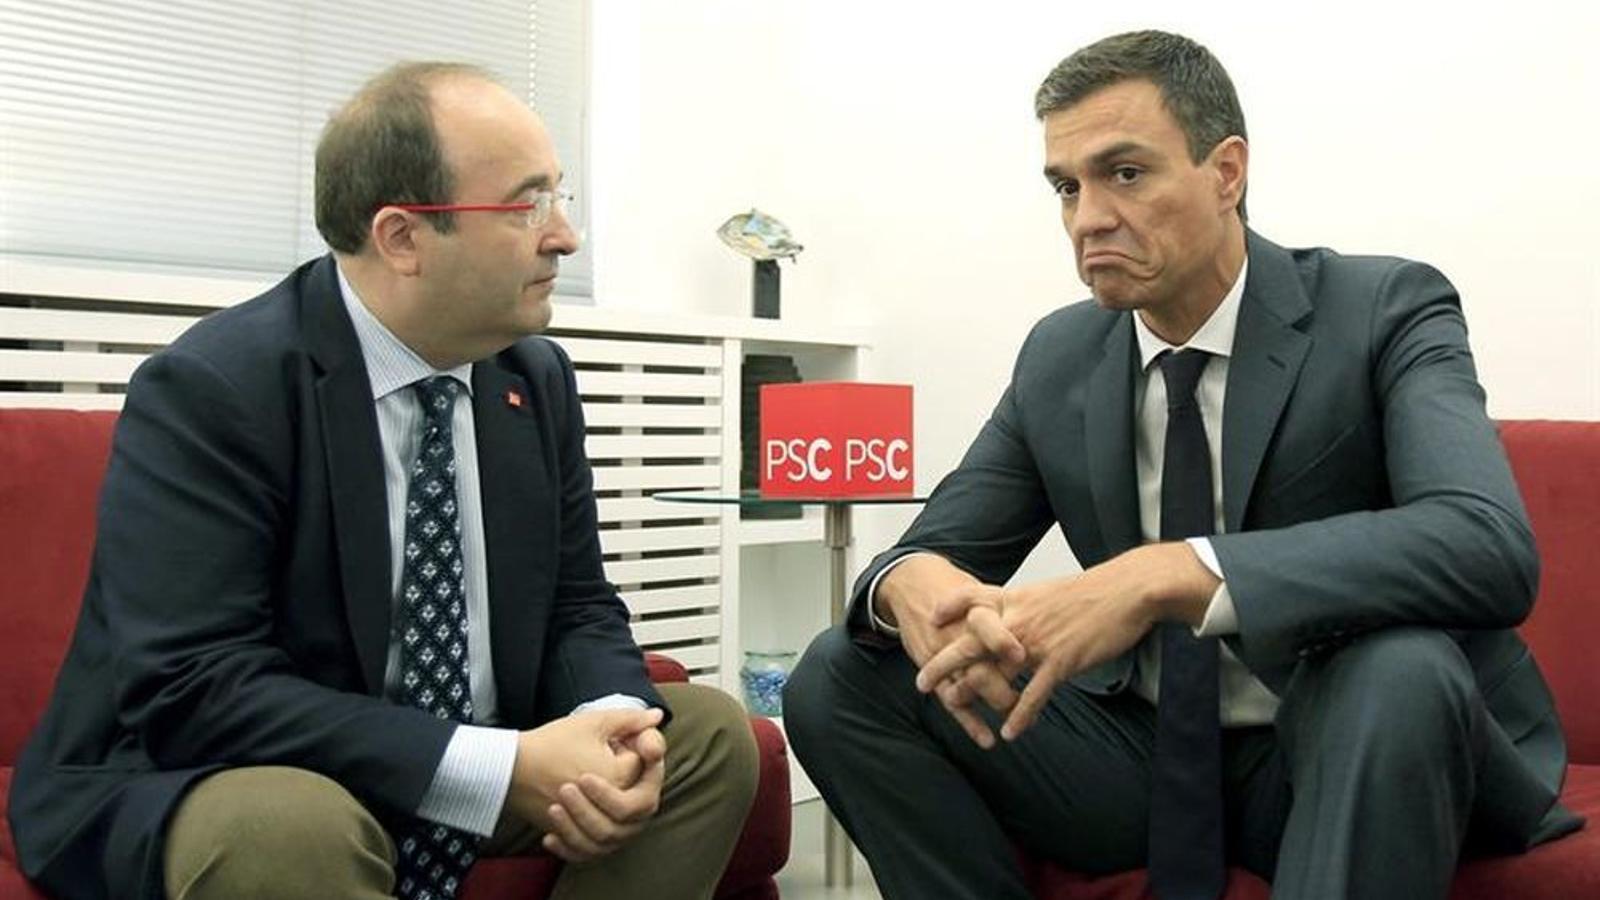 El PSC força Sánchez a incloure al programa del 10-N les referències al model federal